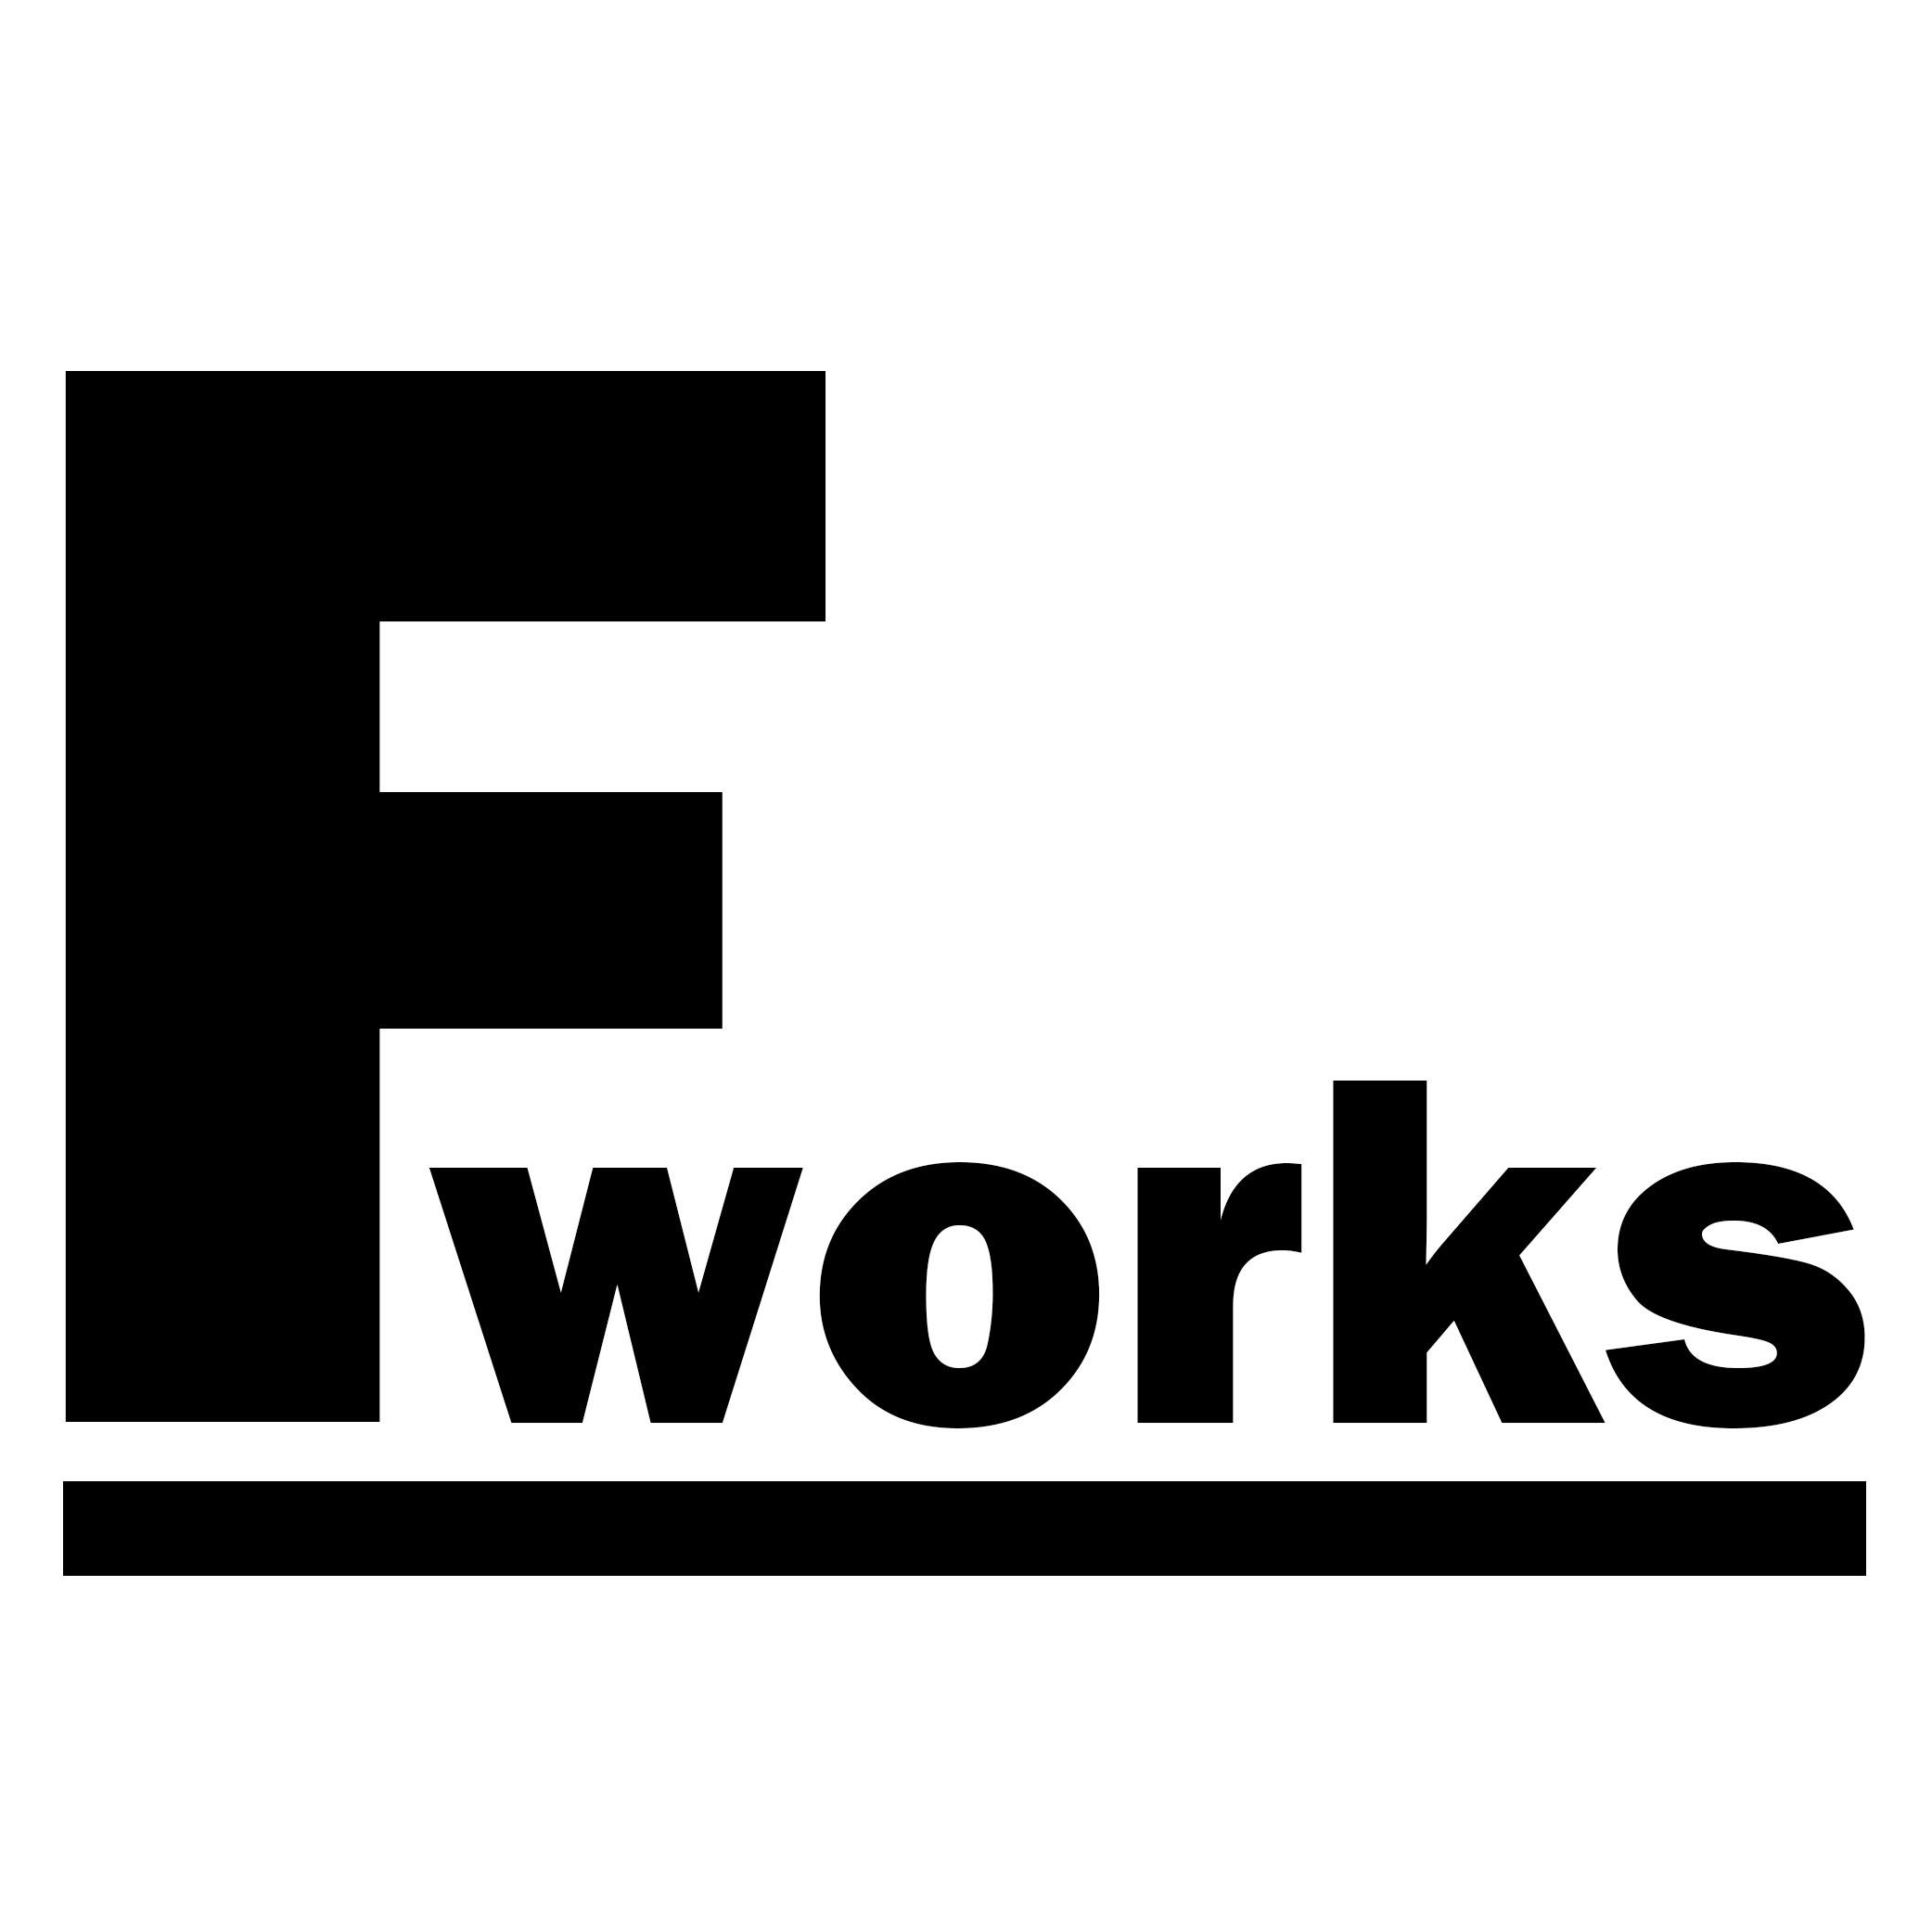 Fworks